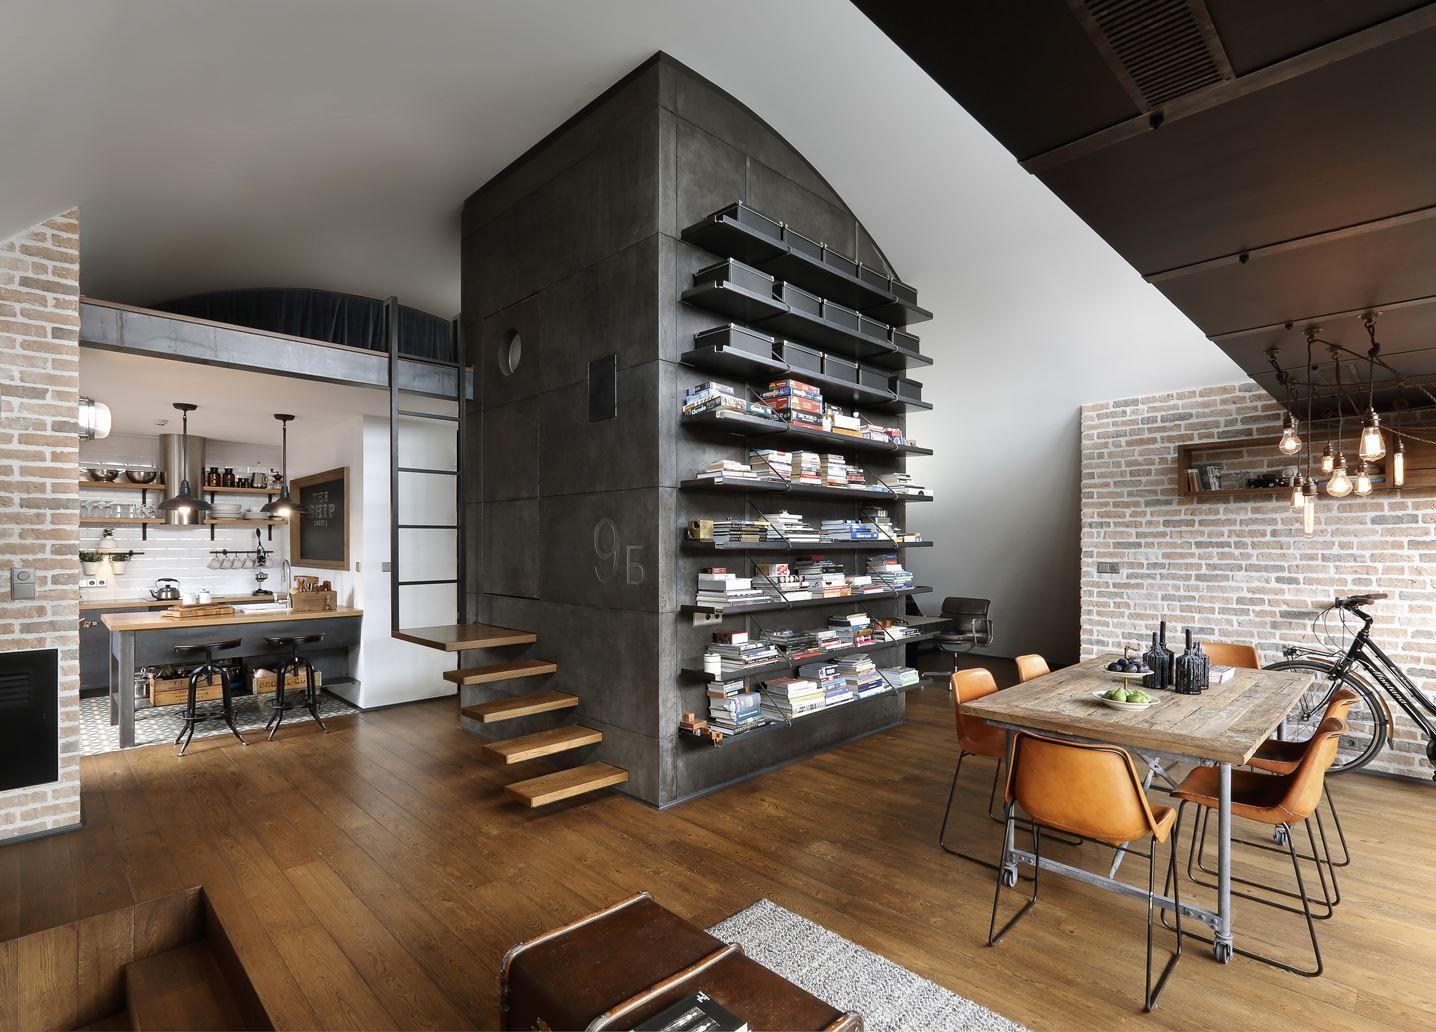 Arredamento Loft ~ Pin by cubo arredamento on loft office pinterest loft office